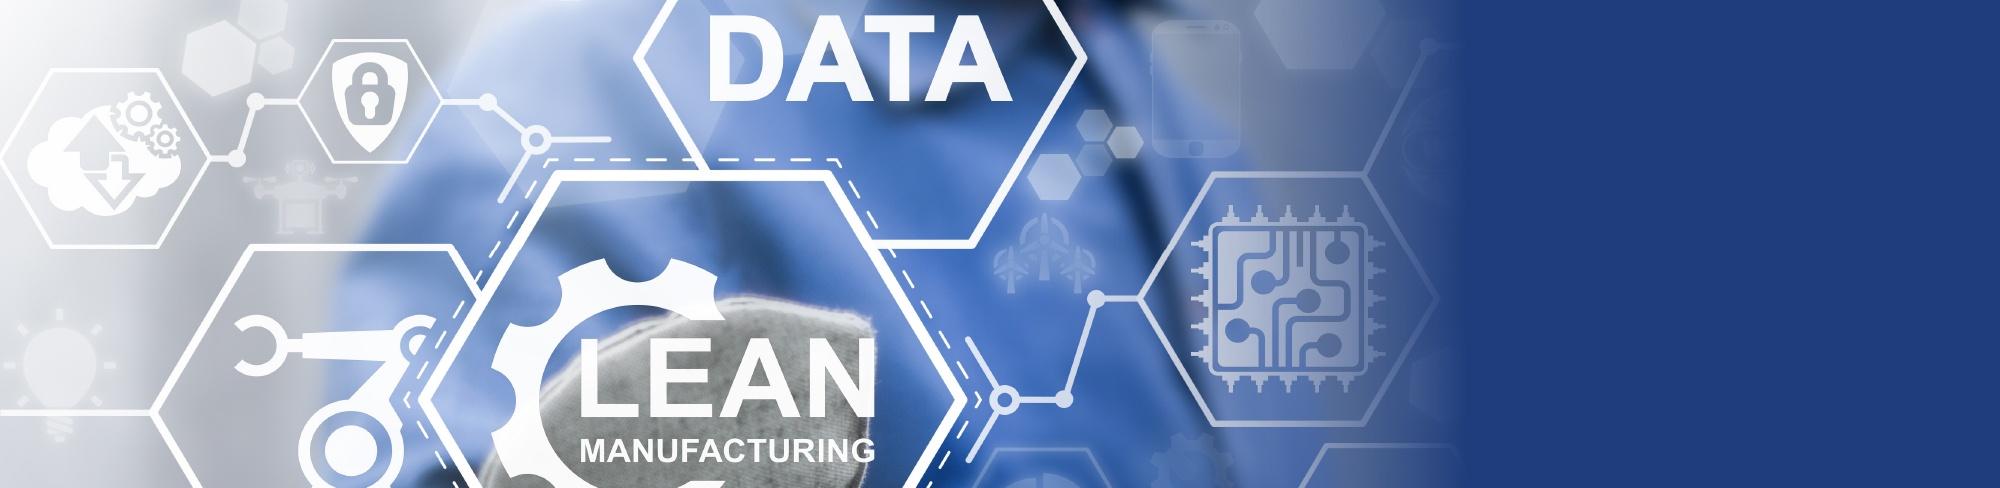 Data Analytics New Image 2000x488.jpg